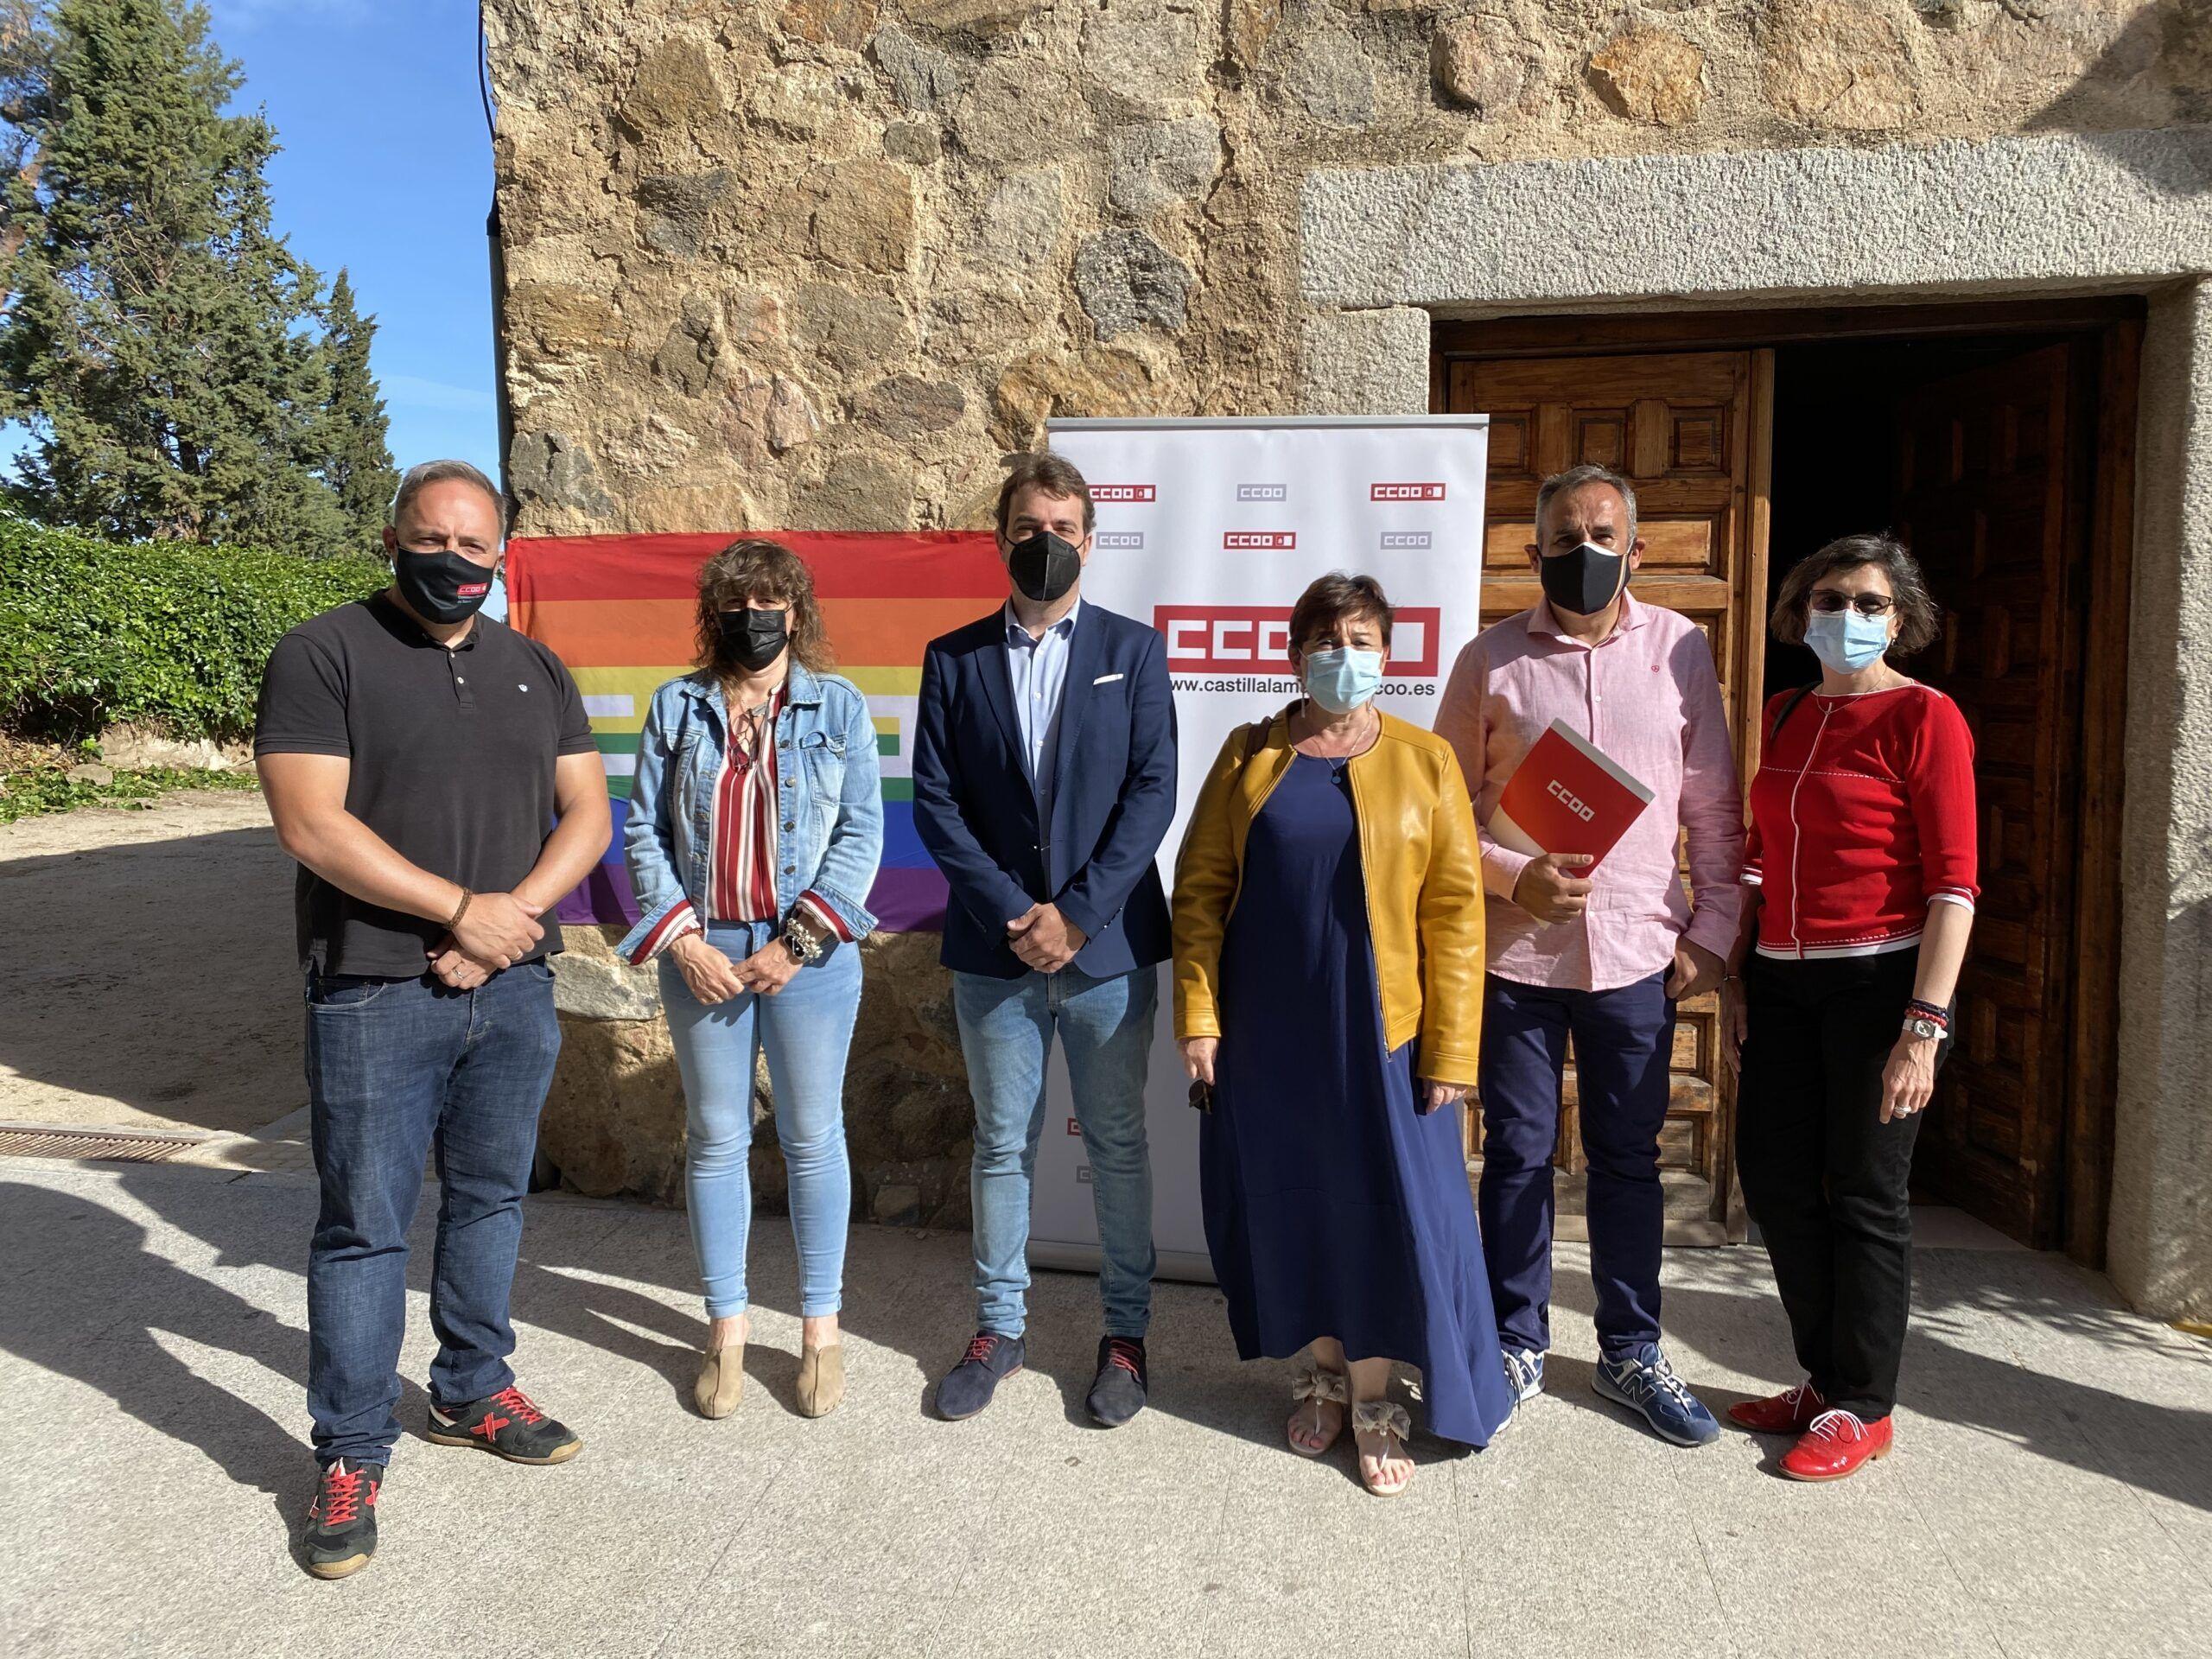 El Gobierno local se suma a la jornada contra la LGTBIfobia de CCOO que busca atajar el acoso del colectivo en los centros laborales